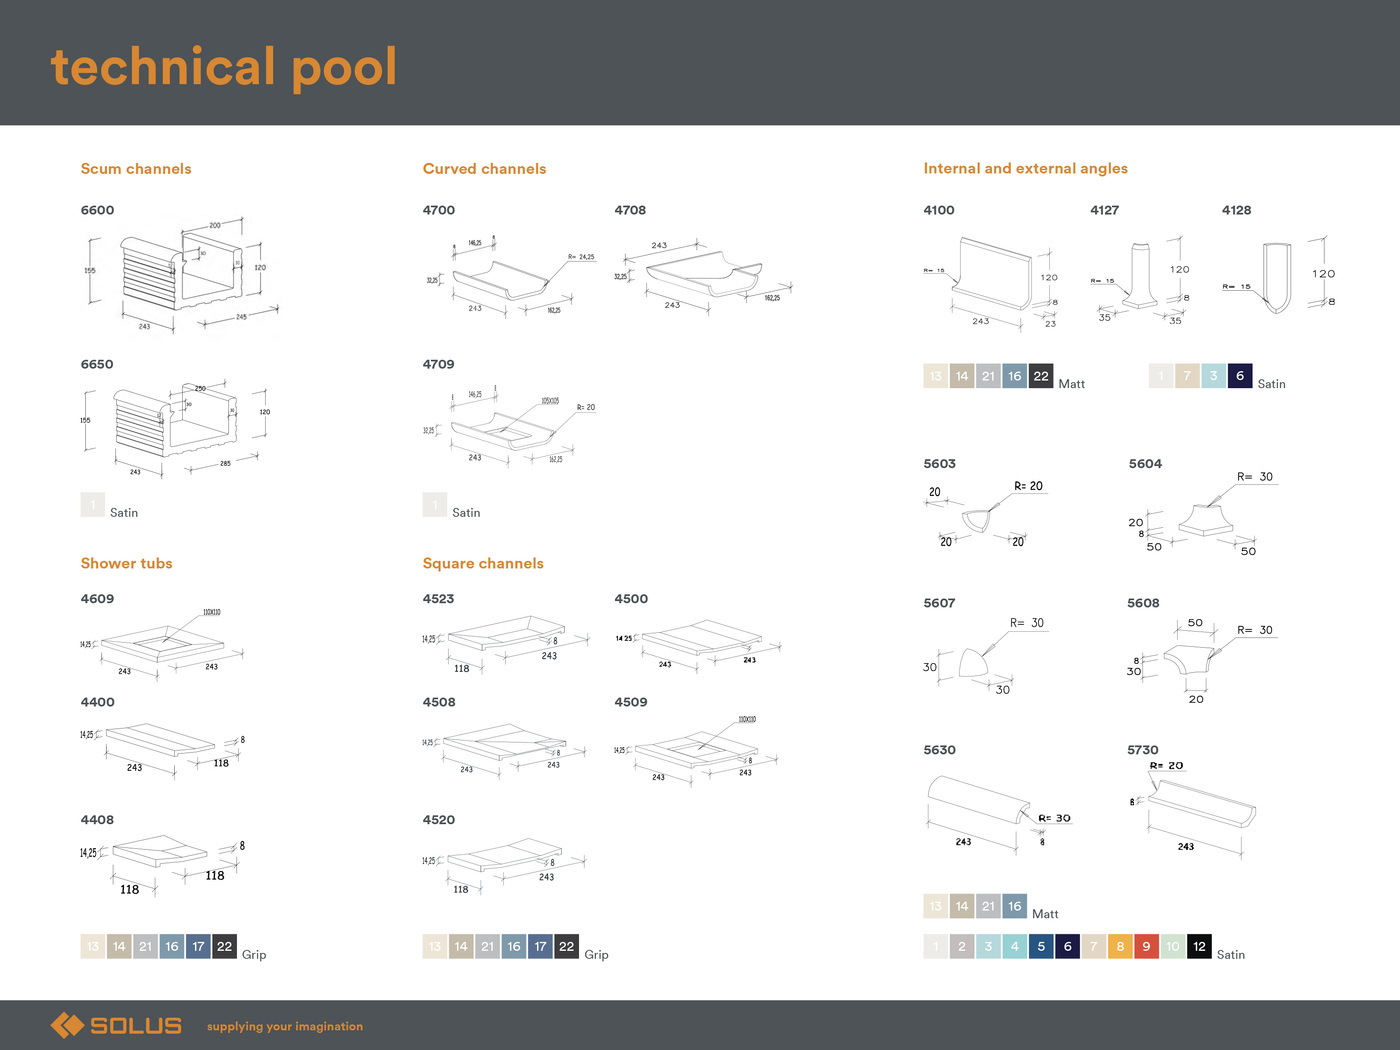 Lara-Jane van Antwerpen - Digital Brochure - Technical Pool 4